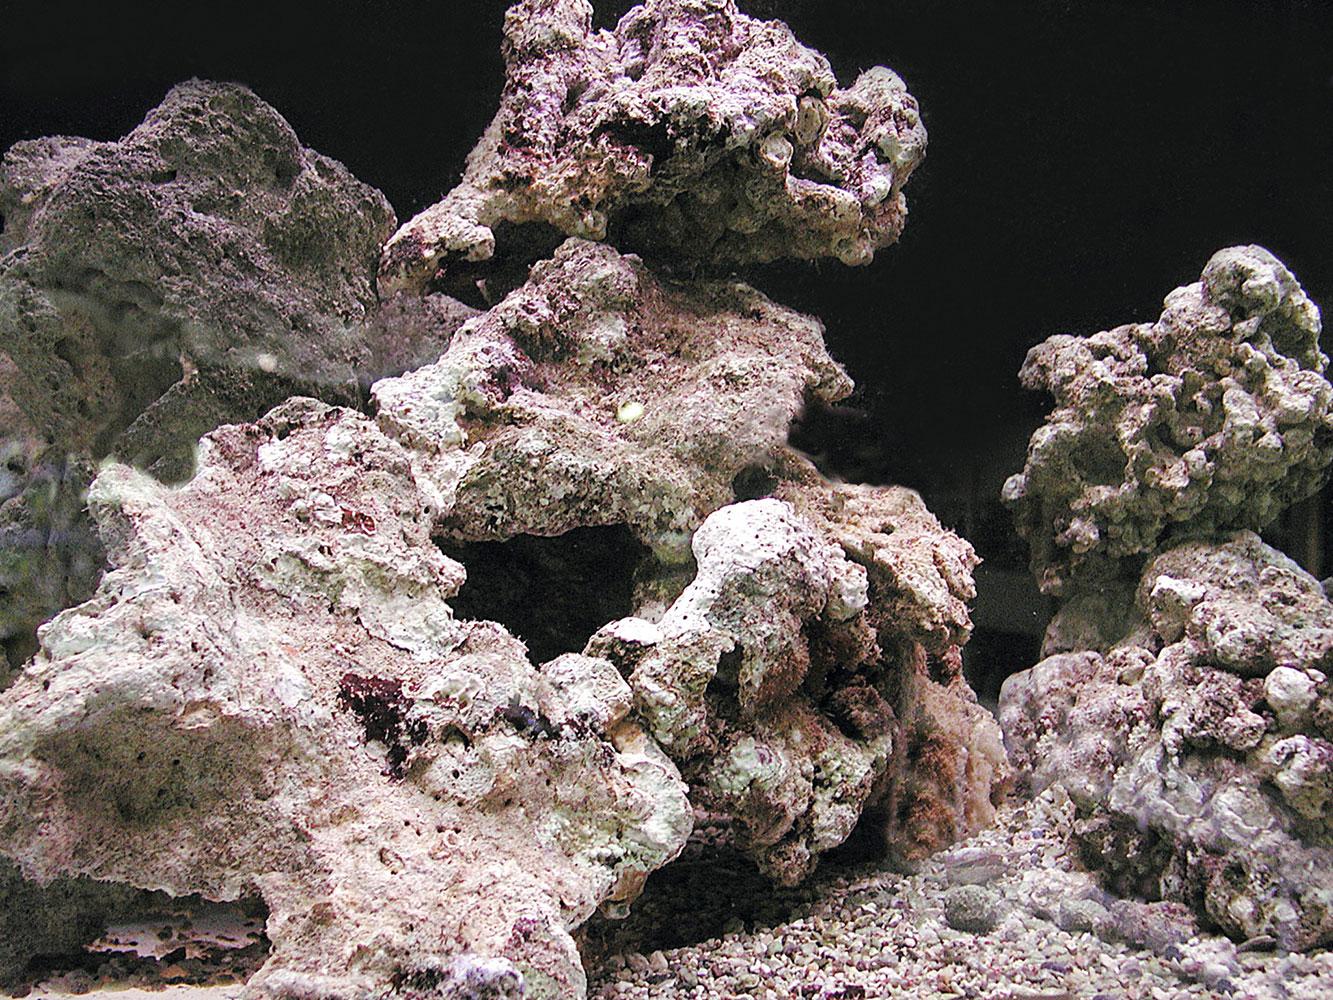 Le rocce vive in un acquario marino for Immagini coralli marini